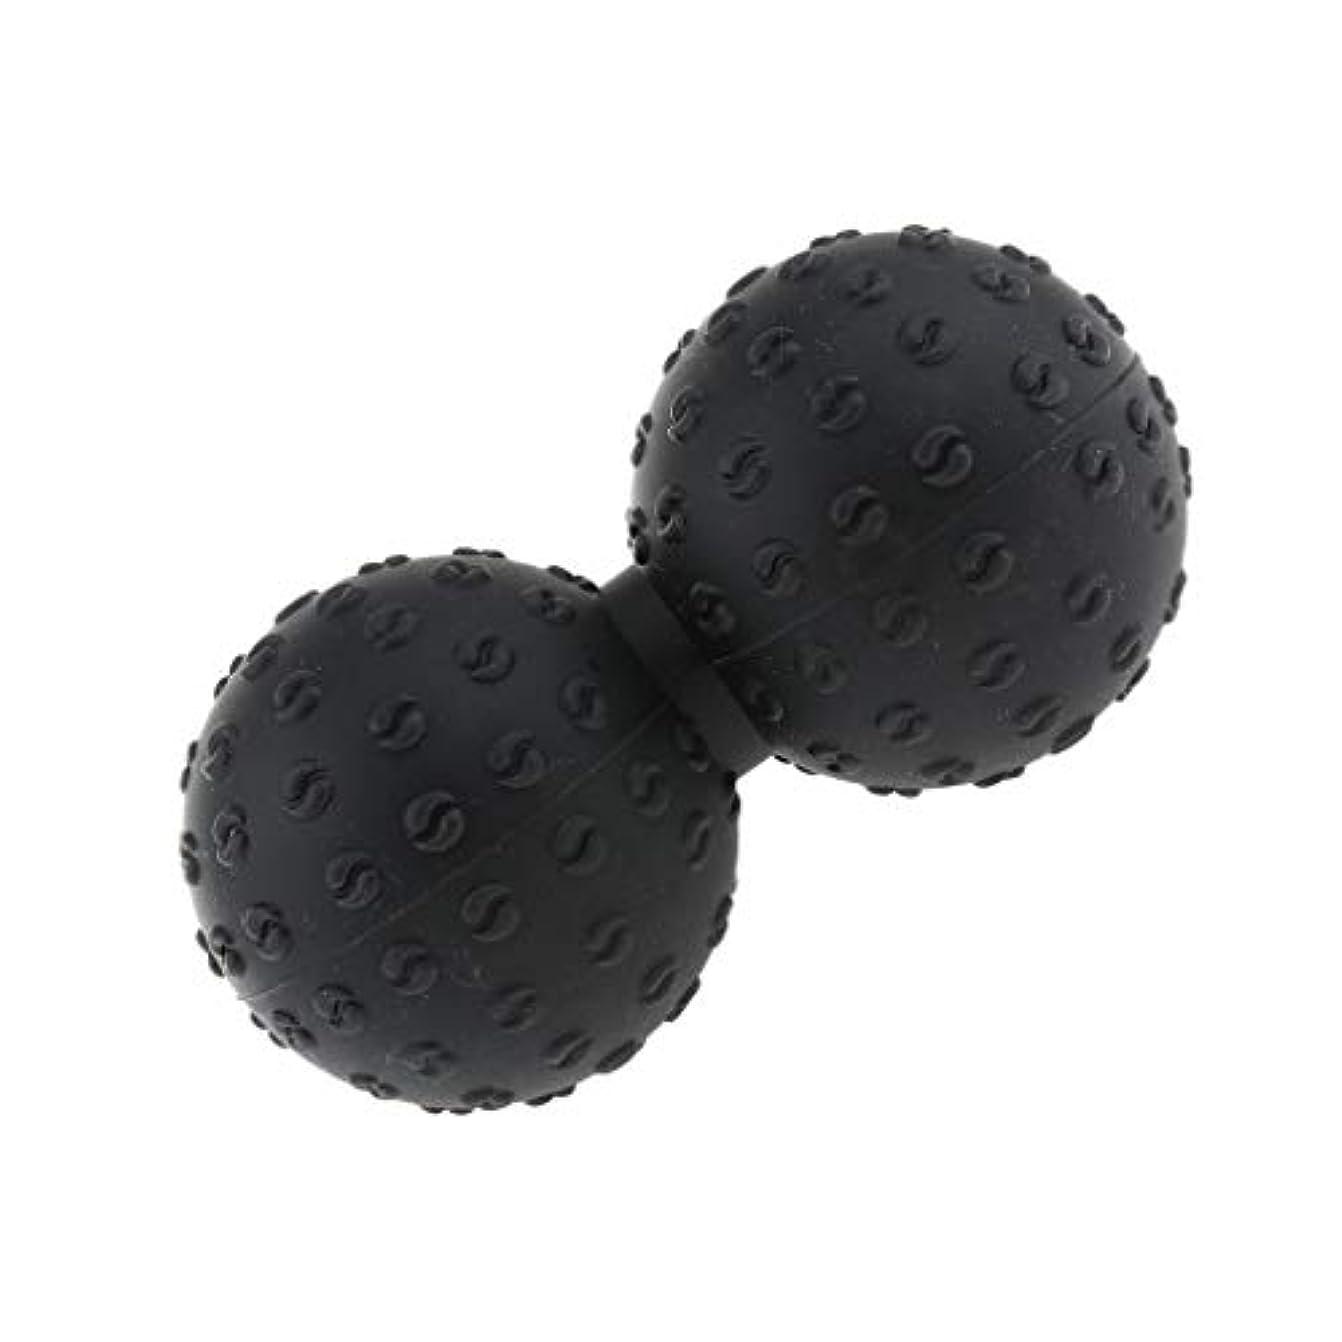 掻くホップ機械的にマッサージボール 指圧ボール シリコン ピーナッツ トリガーポイント 肩、足、腕など 解消 全6色 - ブラック, 説明のとおり